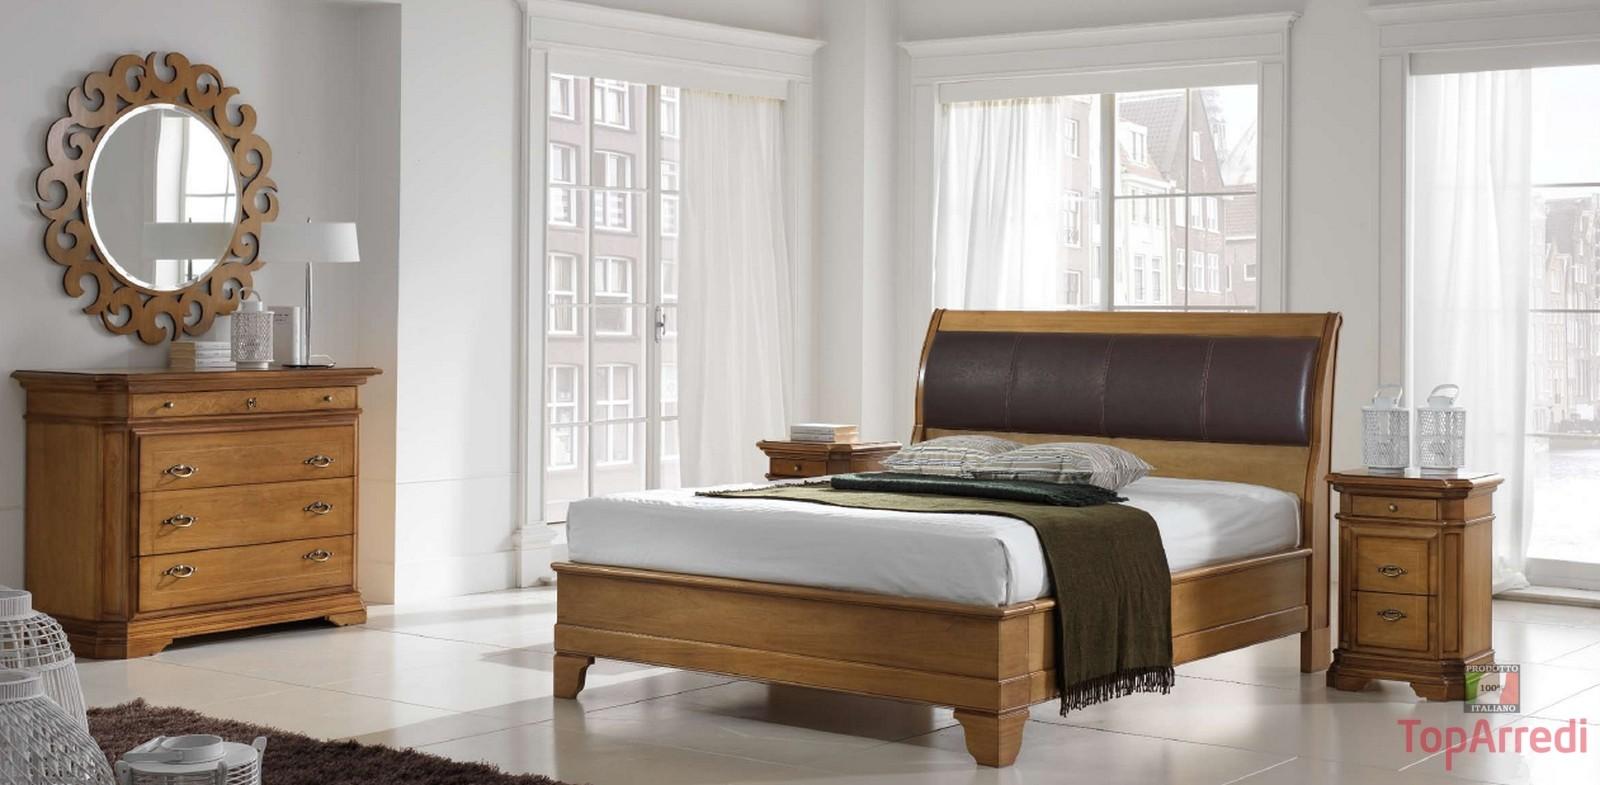 Camera da letto bianca e legno ispiratevi con queste 15 for Decorare camera da letto matrimoniale